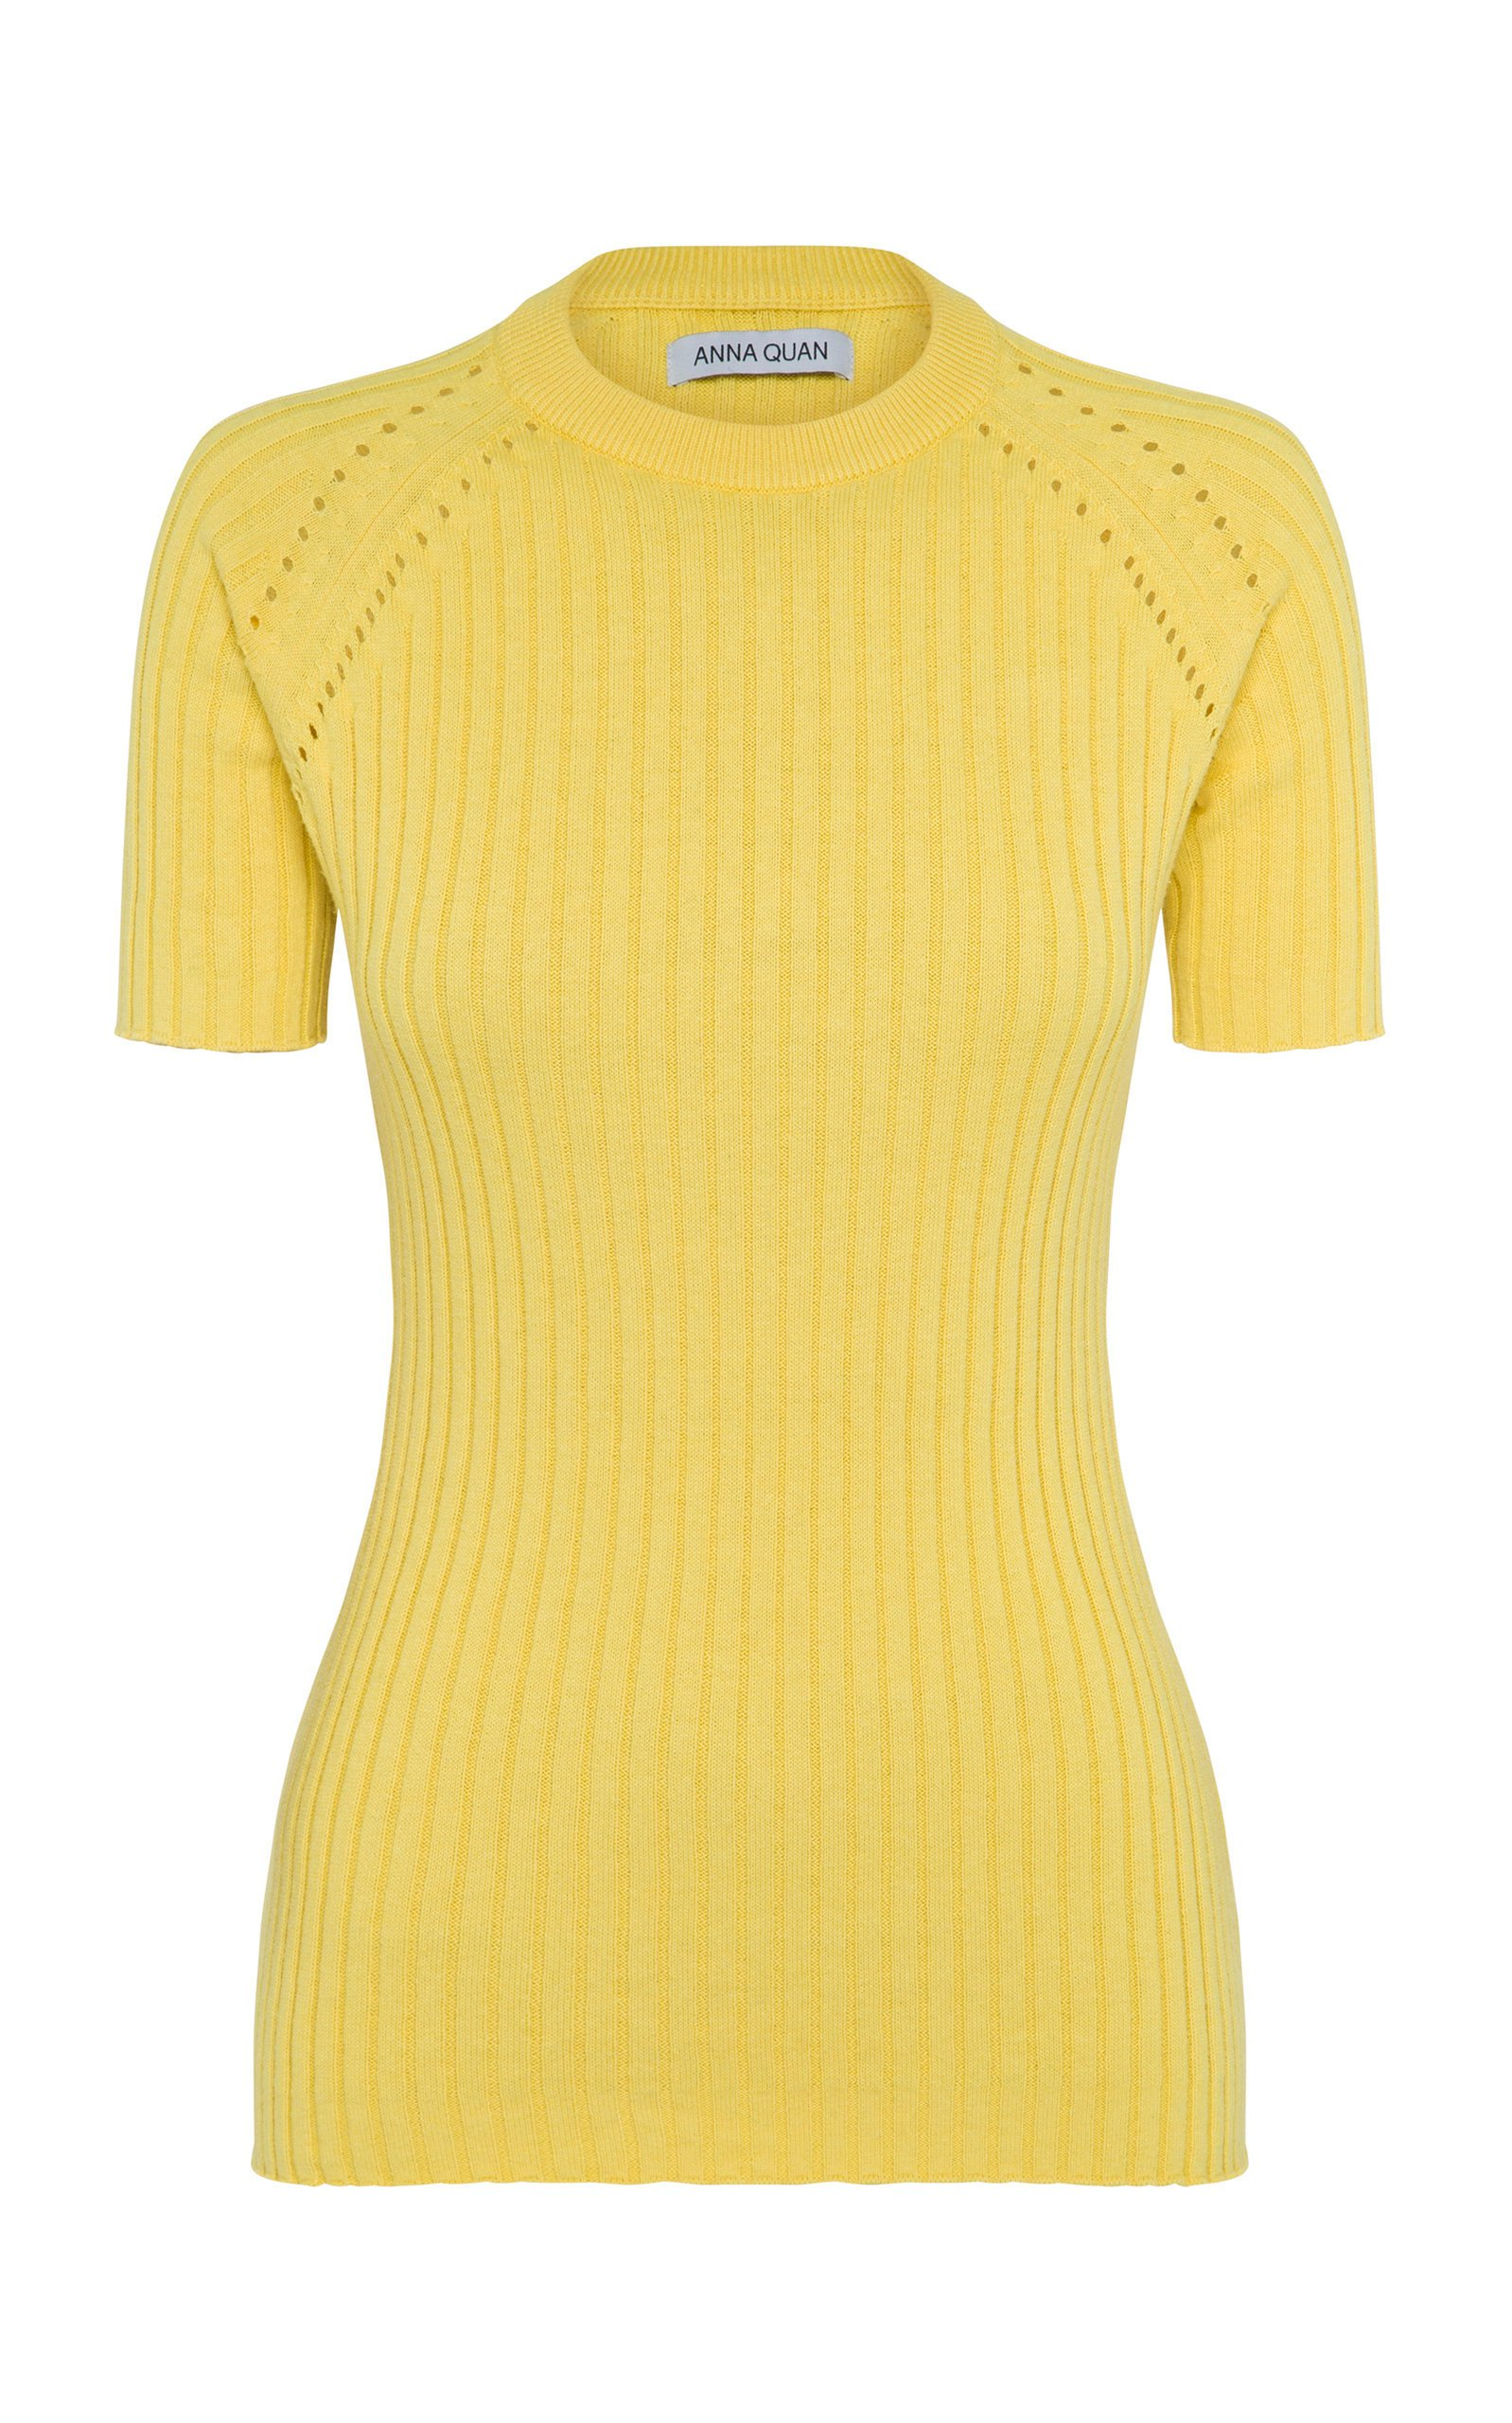 Anna Quan Billie Short Sleeve Knit Top